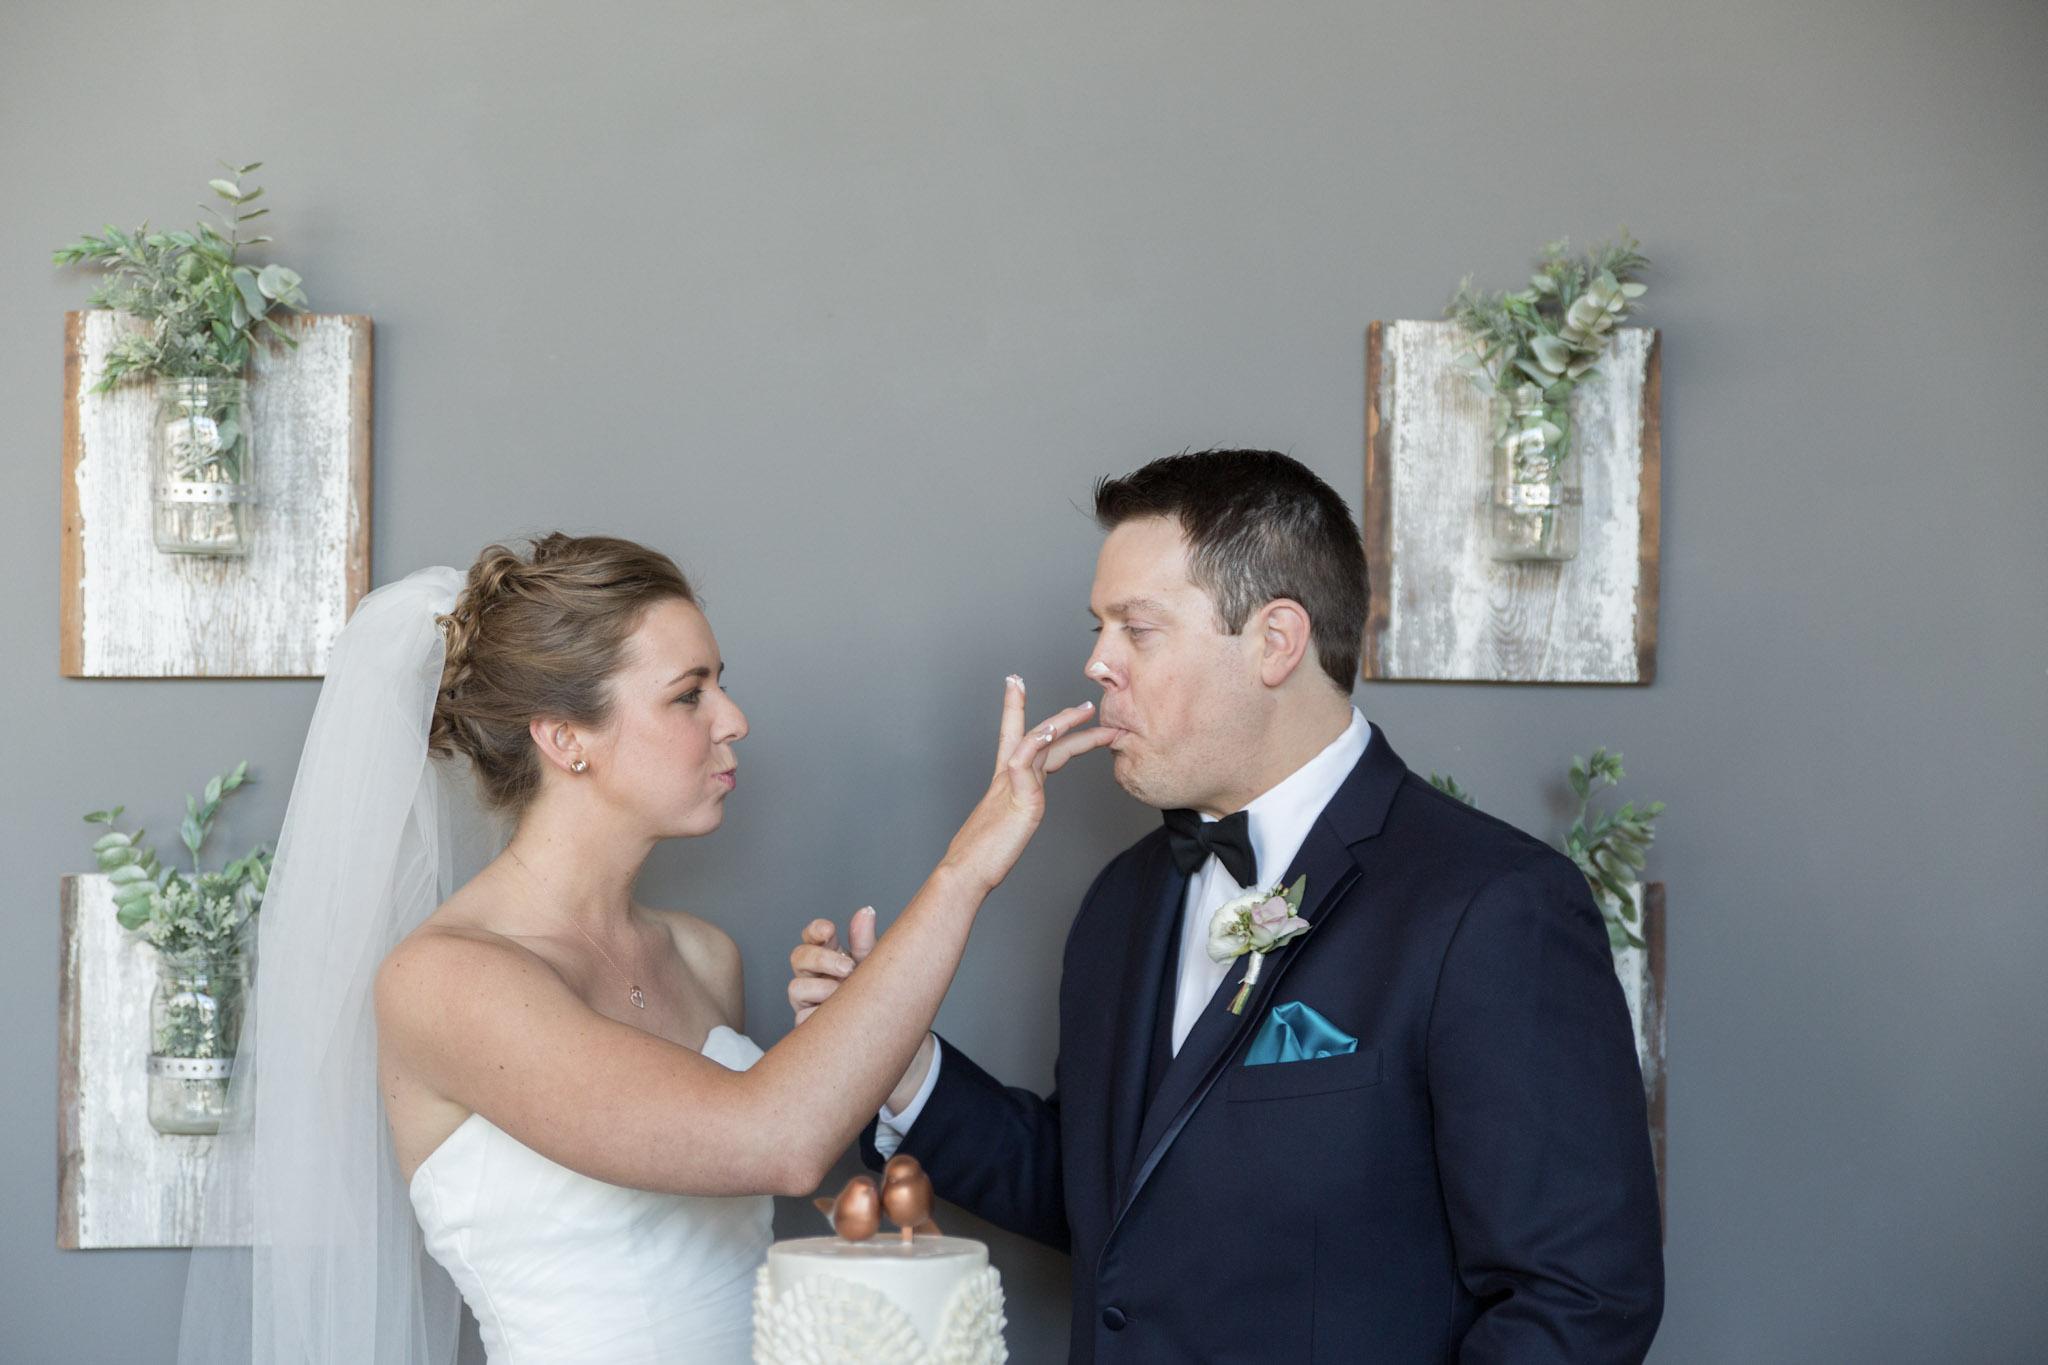 Kansas_City_Small_Intimate_Budget_Wedding_Venue_TVX_C&M_2.27_431.jpg